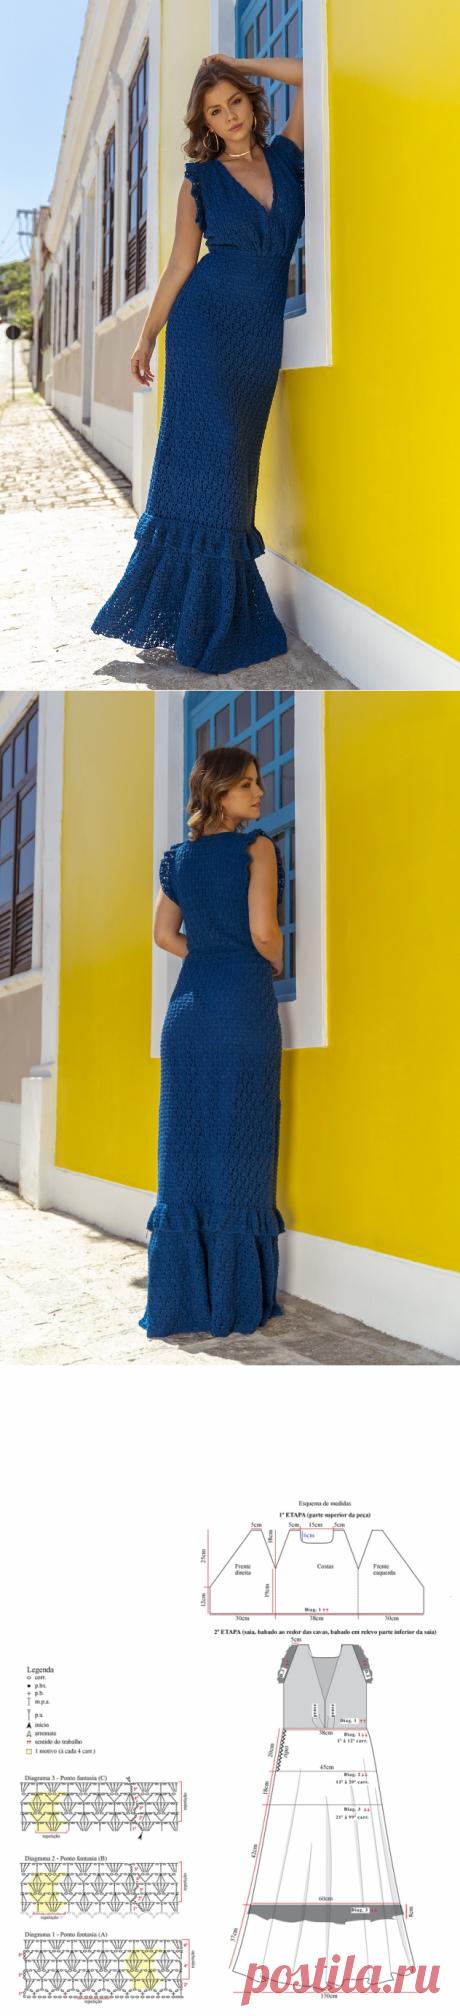 Эксклюзивное платье, связанное крючком | ВЯЗАНИЕ СПИЦАМИ И КРЮЧКОМ | Яндекс Дзен